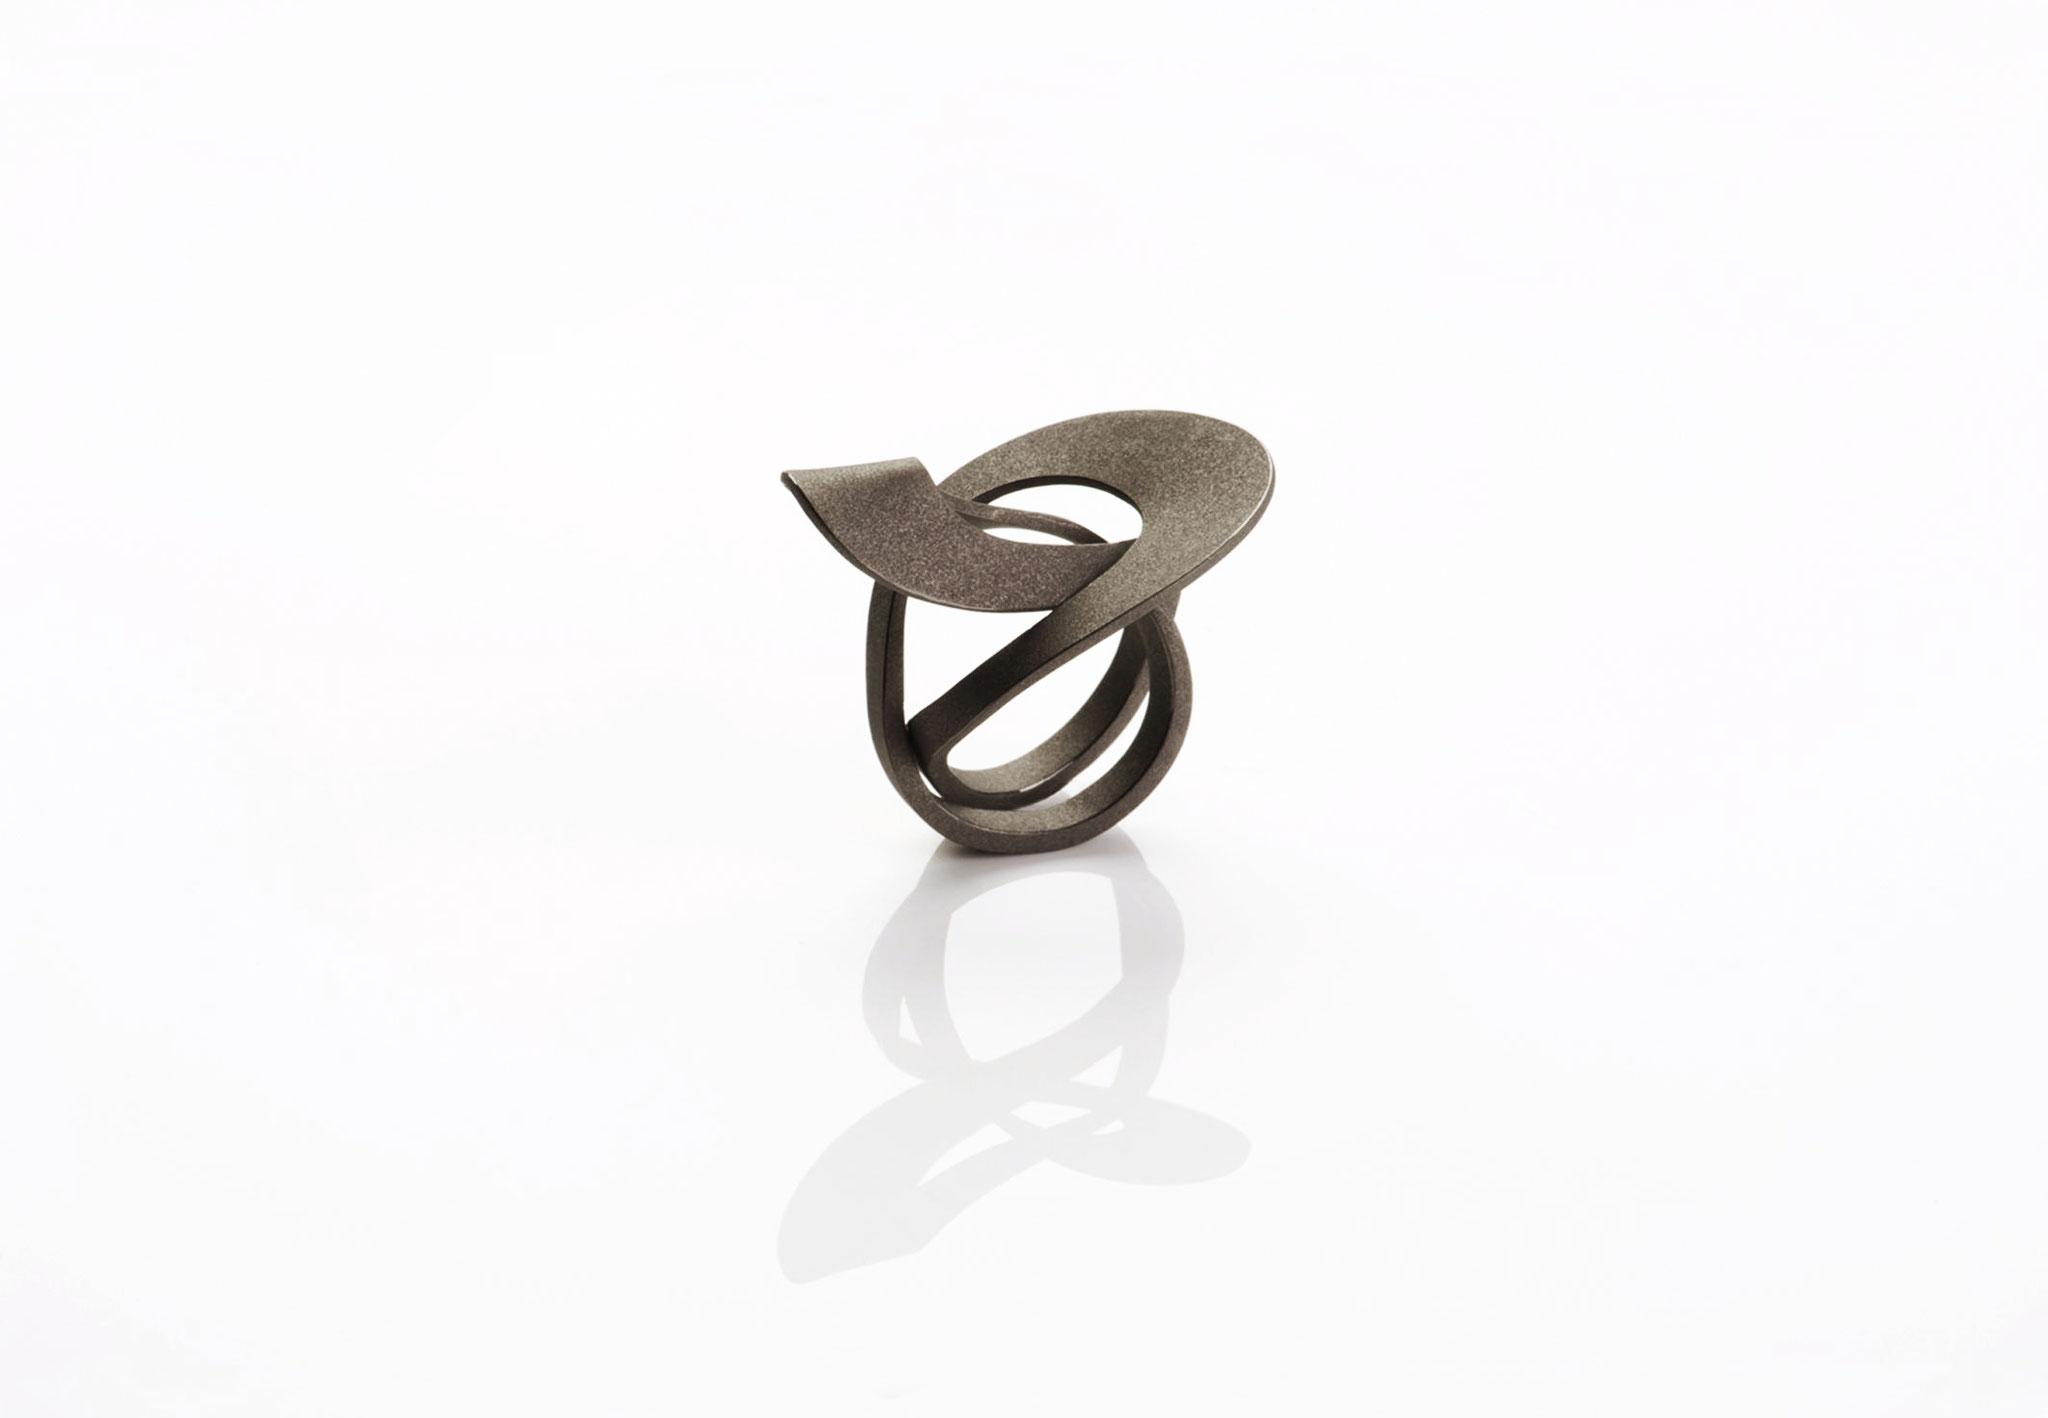 Wendepunkt Ring M6, 925/- Silber, schwarz-rhodiniert